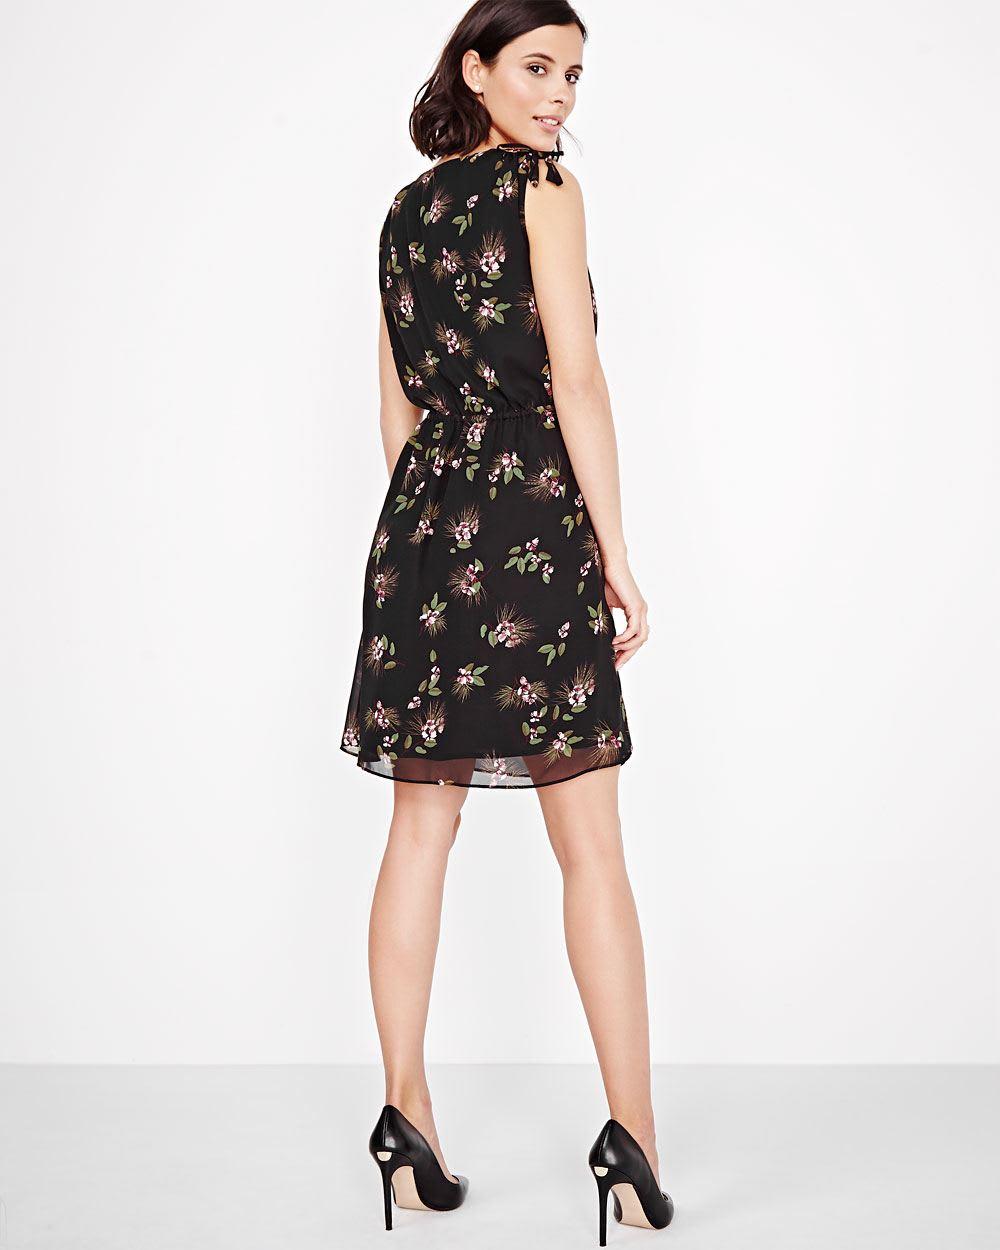 Style 791 chiffon dresses